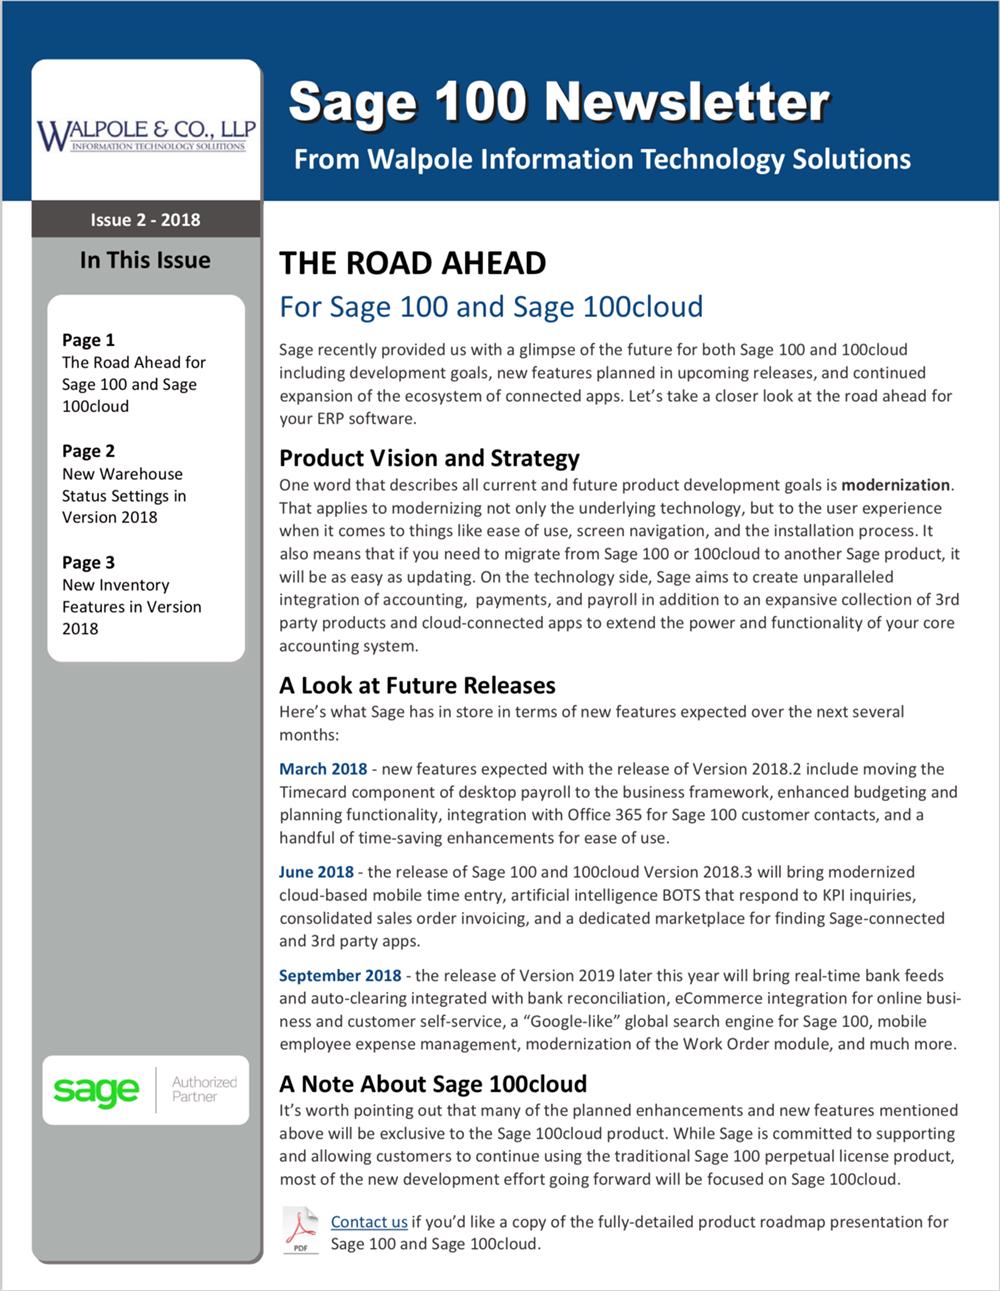 Sage 100 Newsletter April 2018